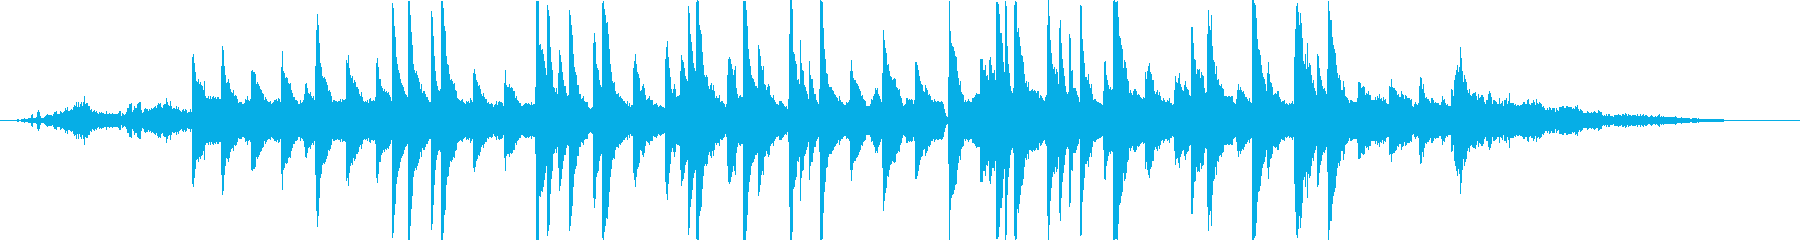 ヒーリングピアノの再生済みの波形